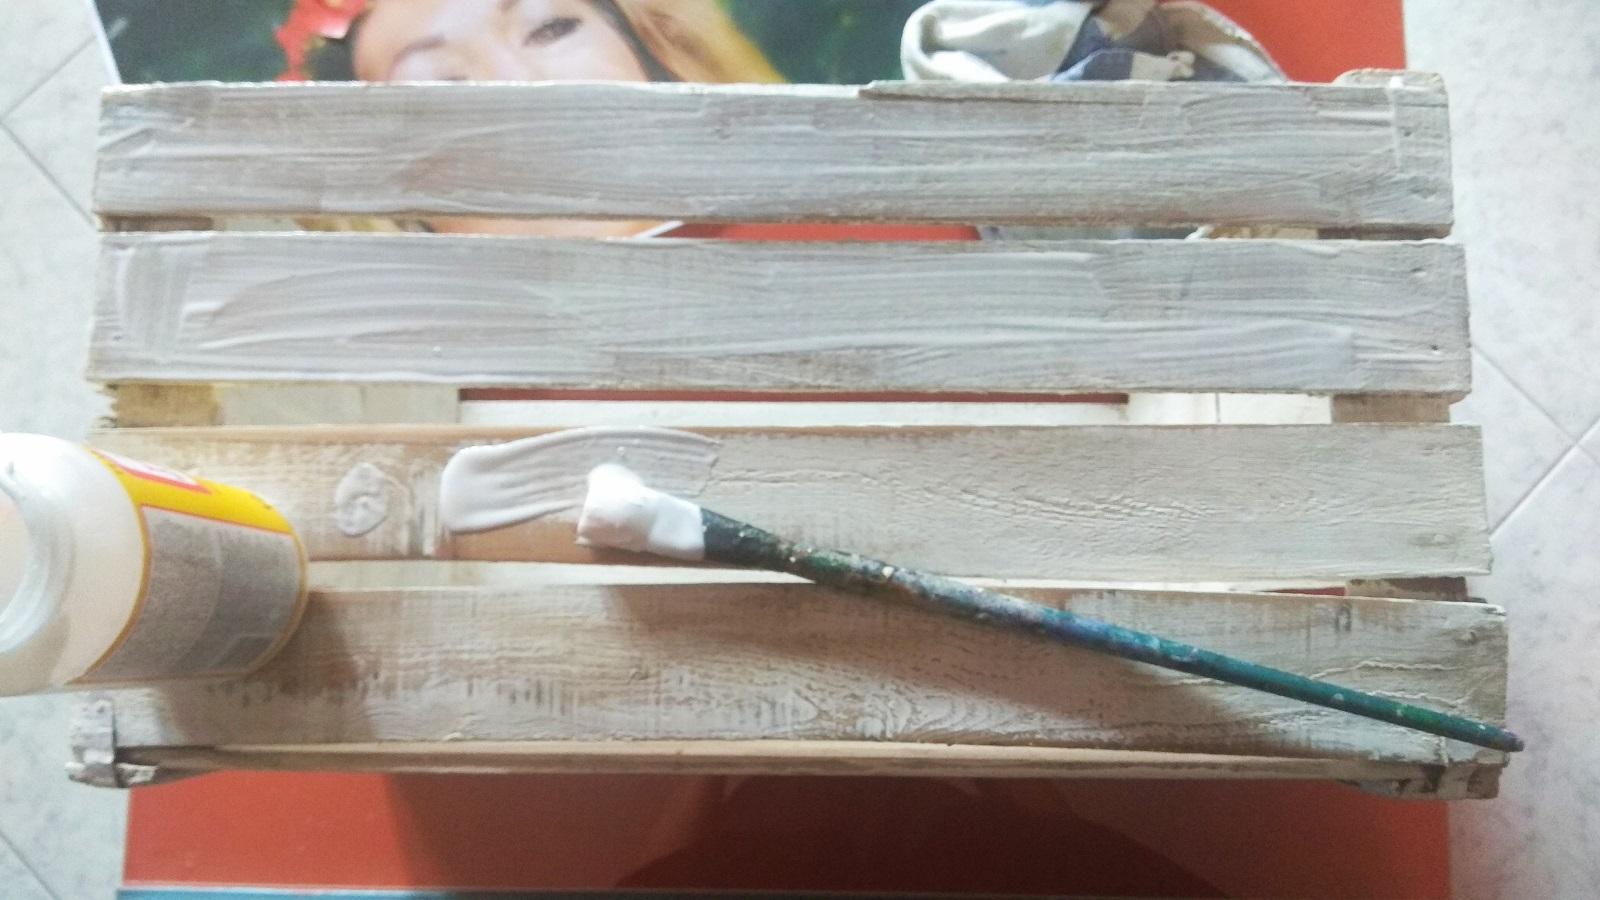 Trasferire foto su legno - colla